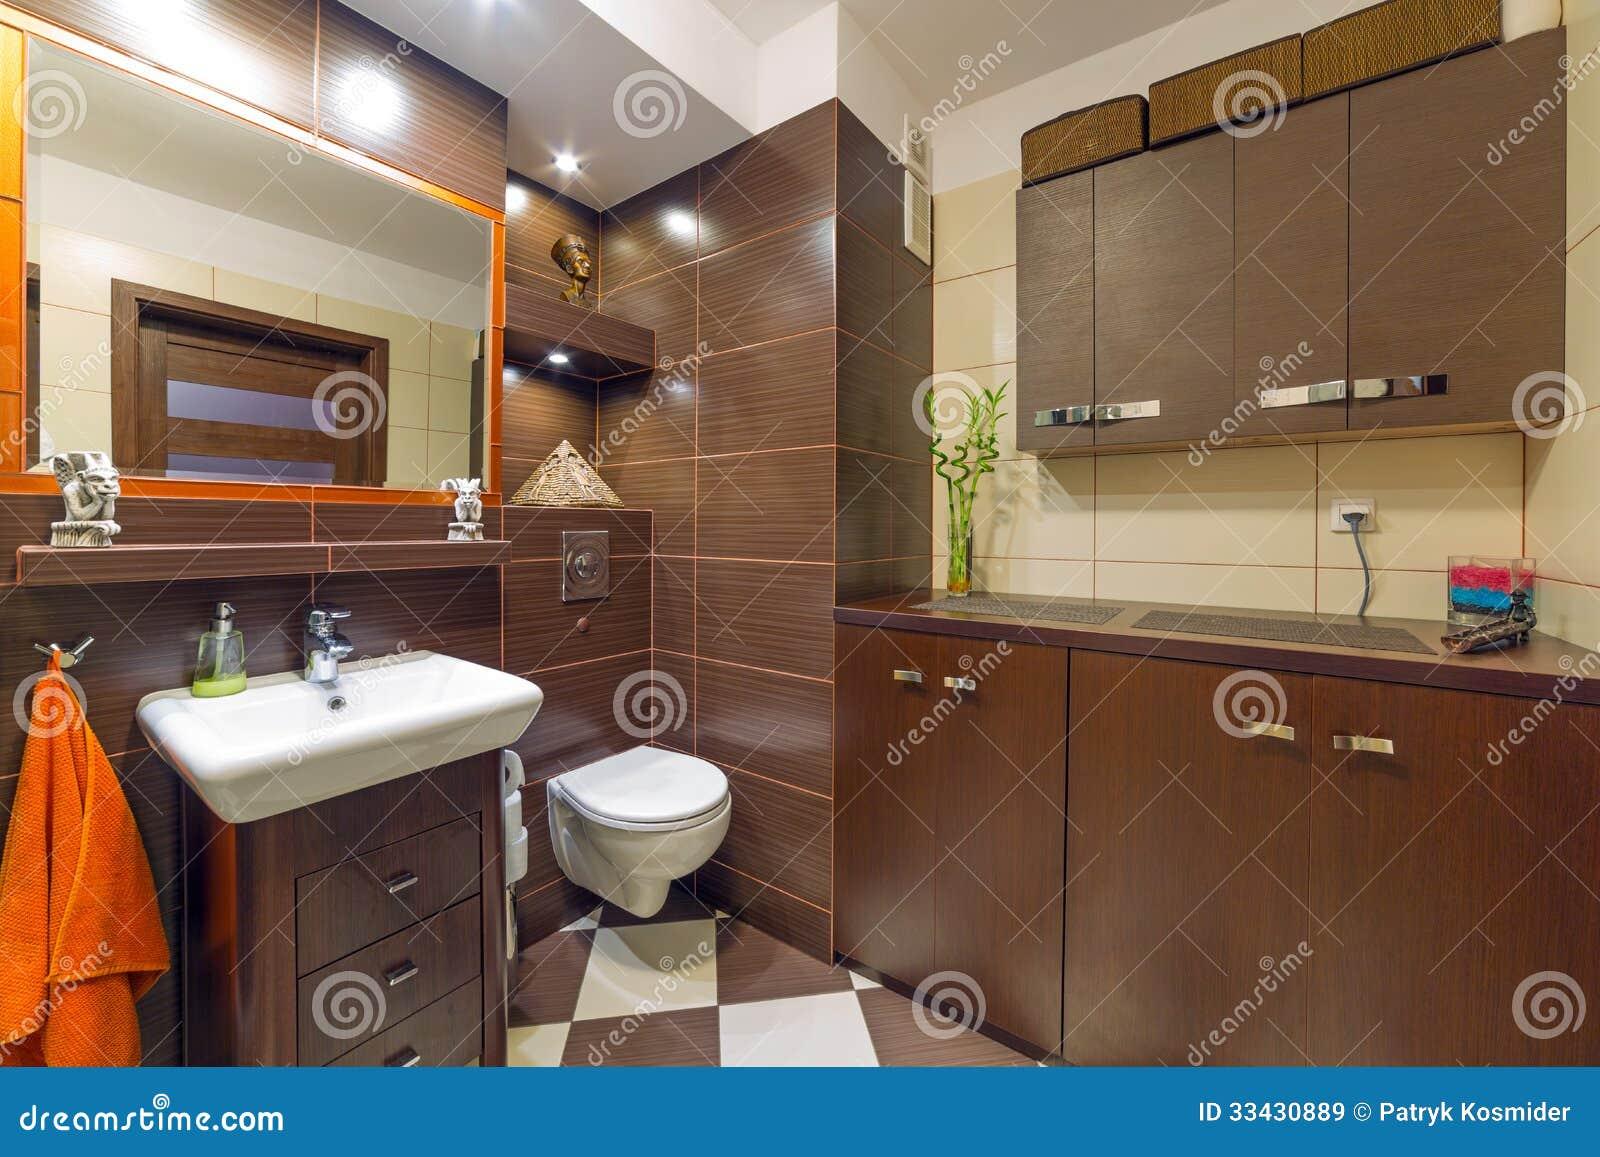 Bagno marrone e beige moderno immagine stock immagine di - Bagno marrone e beige ...